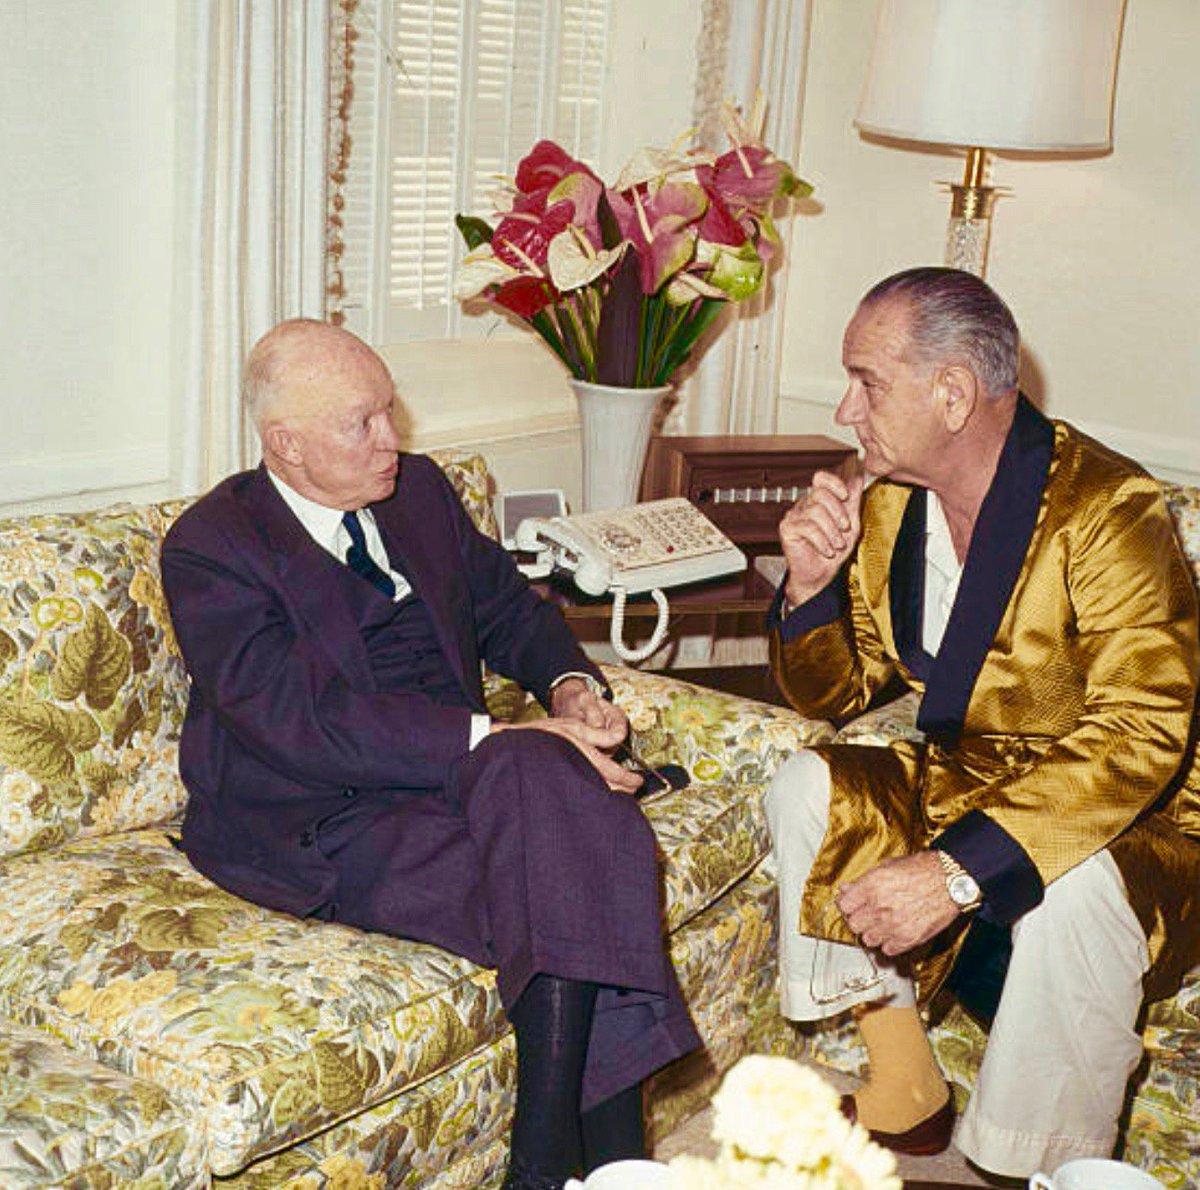 As ex-President, Eisenhower calls on President Johnson in hospital, 1965:                      #Getty